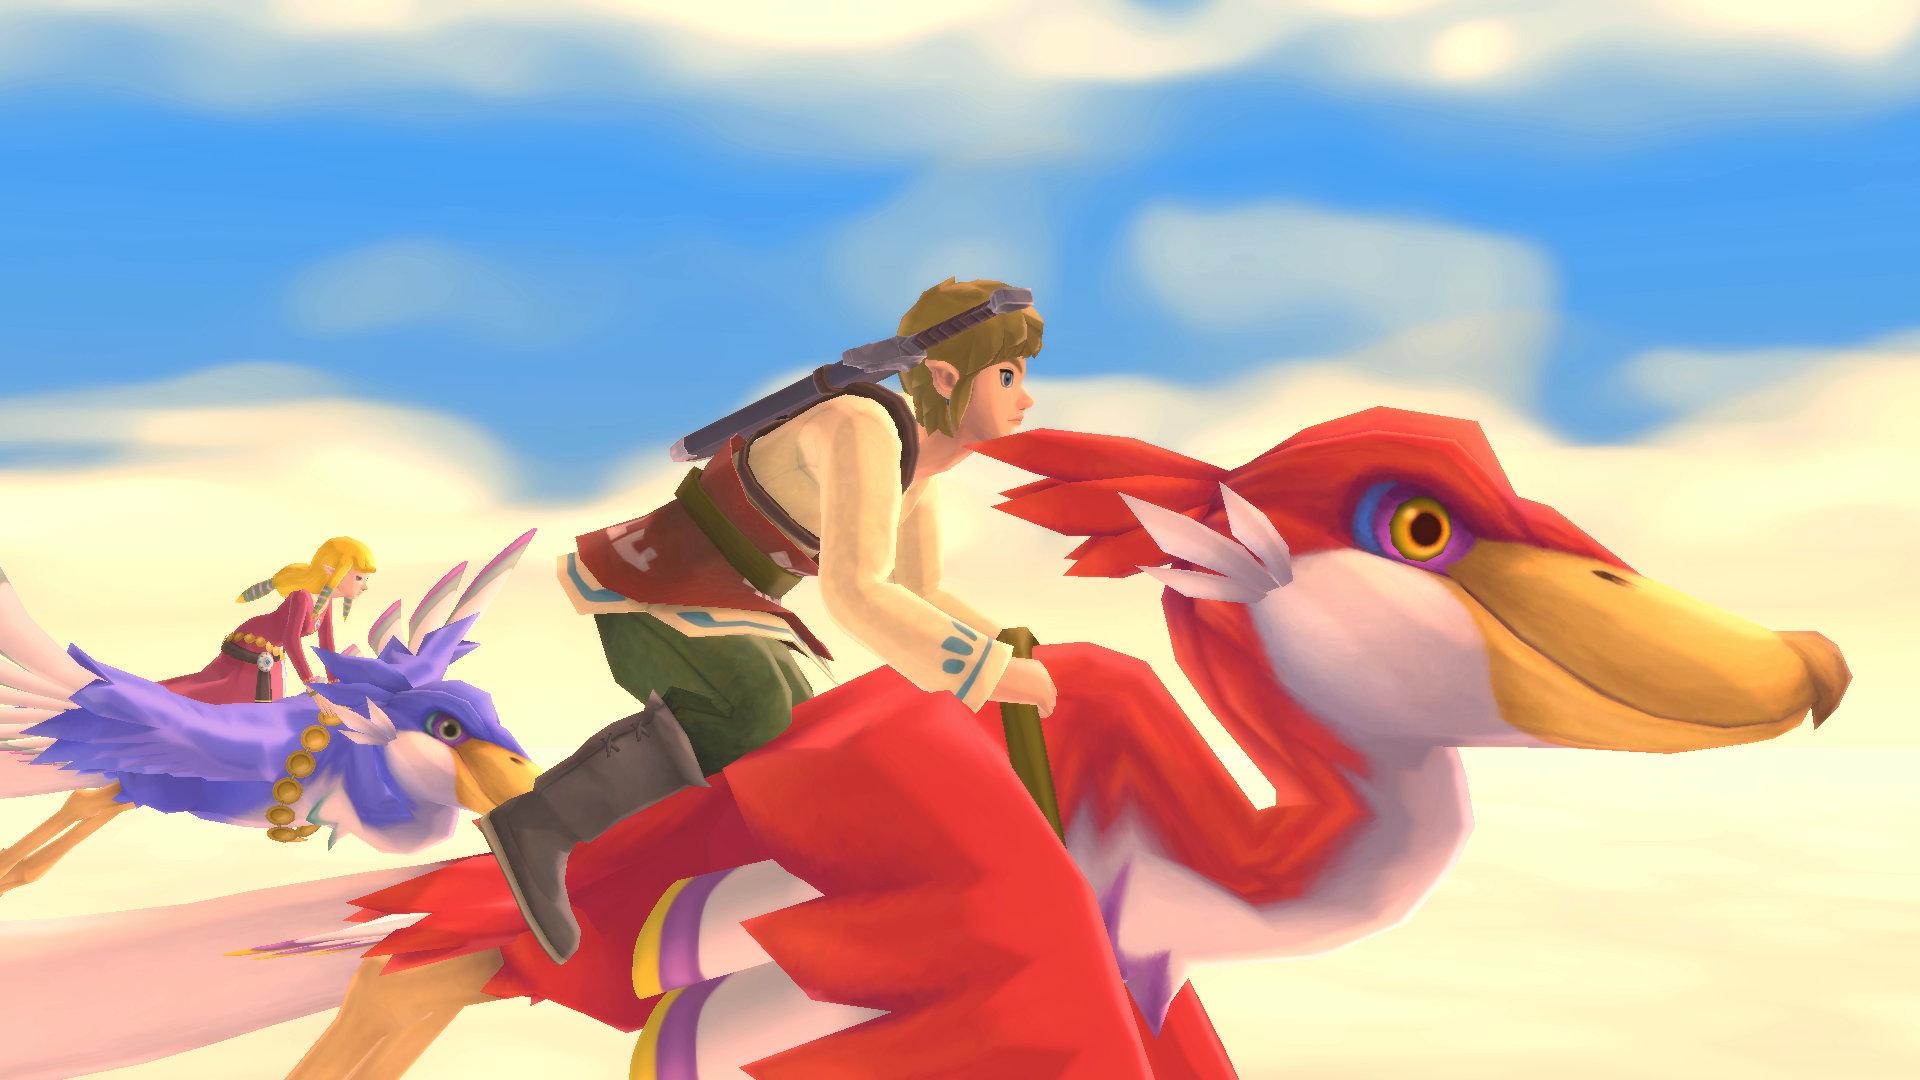 The Legend of Zelda Skyward Sword HD Screenshot of Link and Zelda riding Loftwings